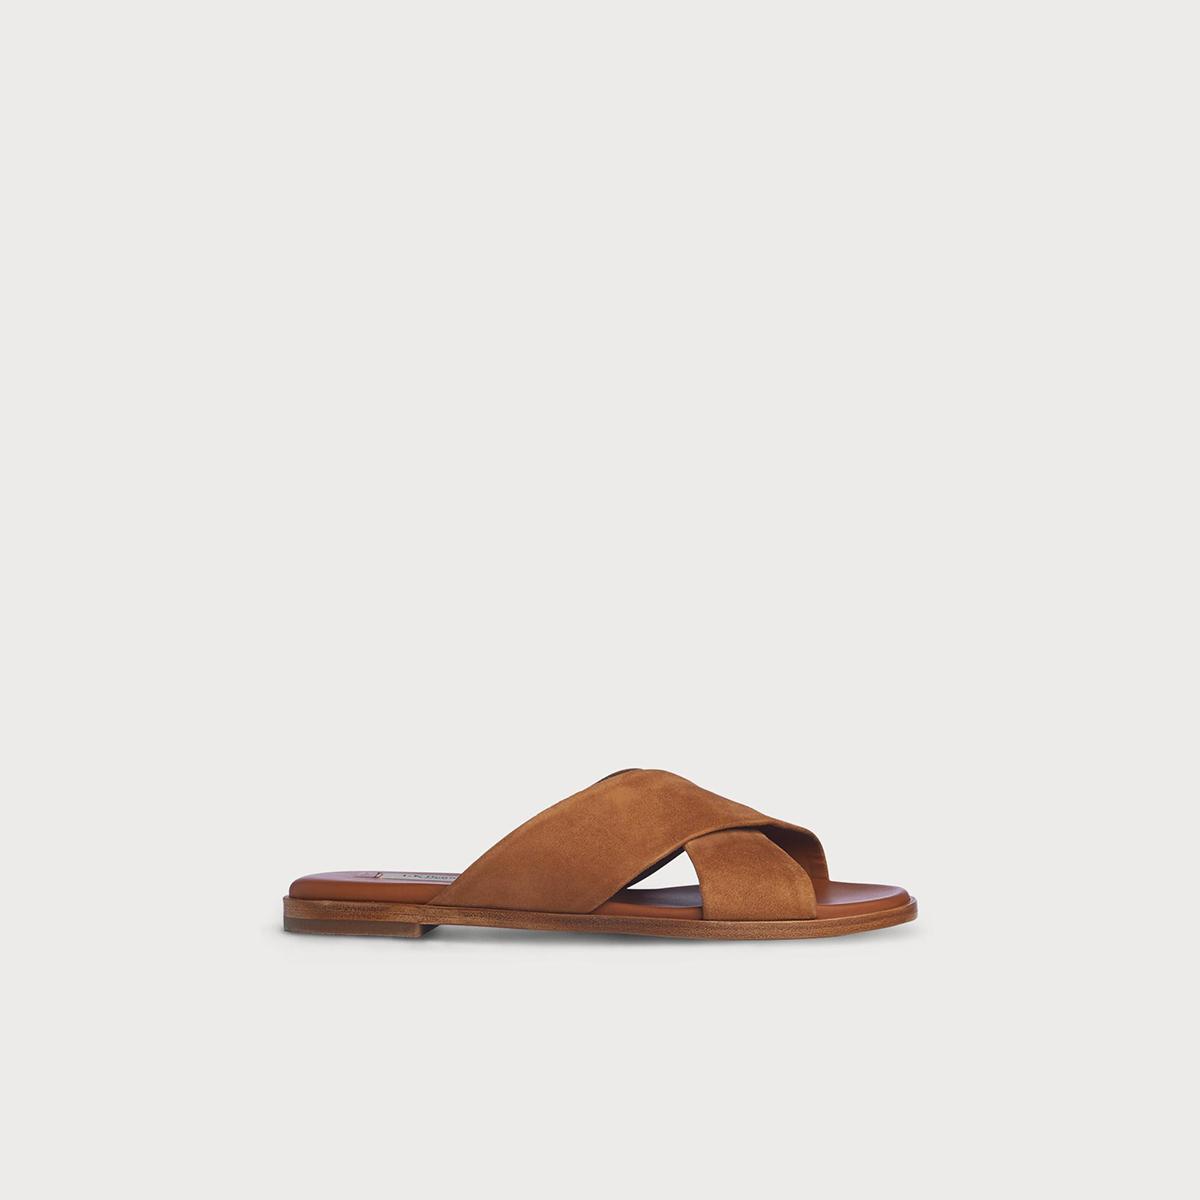 suede-mule-sandal